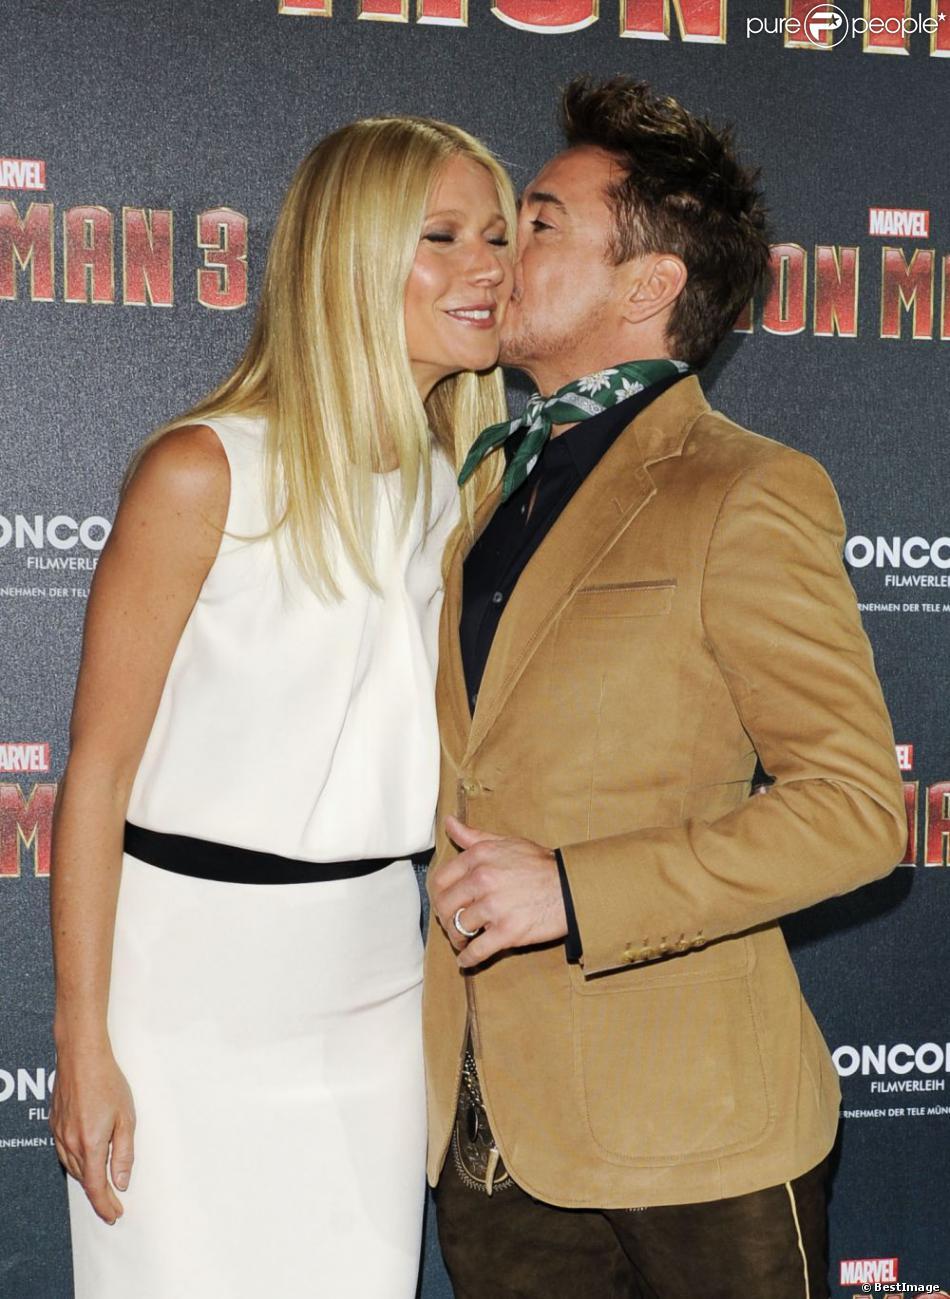 Robert Downey Jr. embrasse tendrement Gwyneth Paltrow lors du photocall du film Iron Man 3 au palais Montgelais à Munich, le 12 avril 2013.